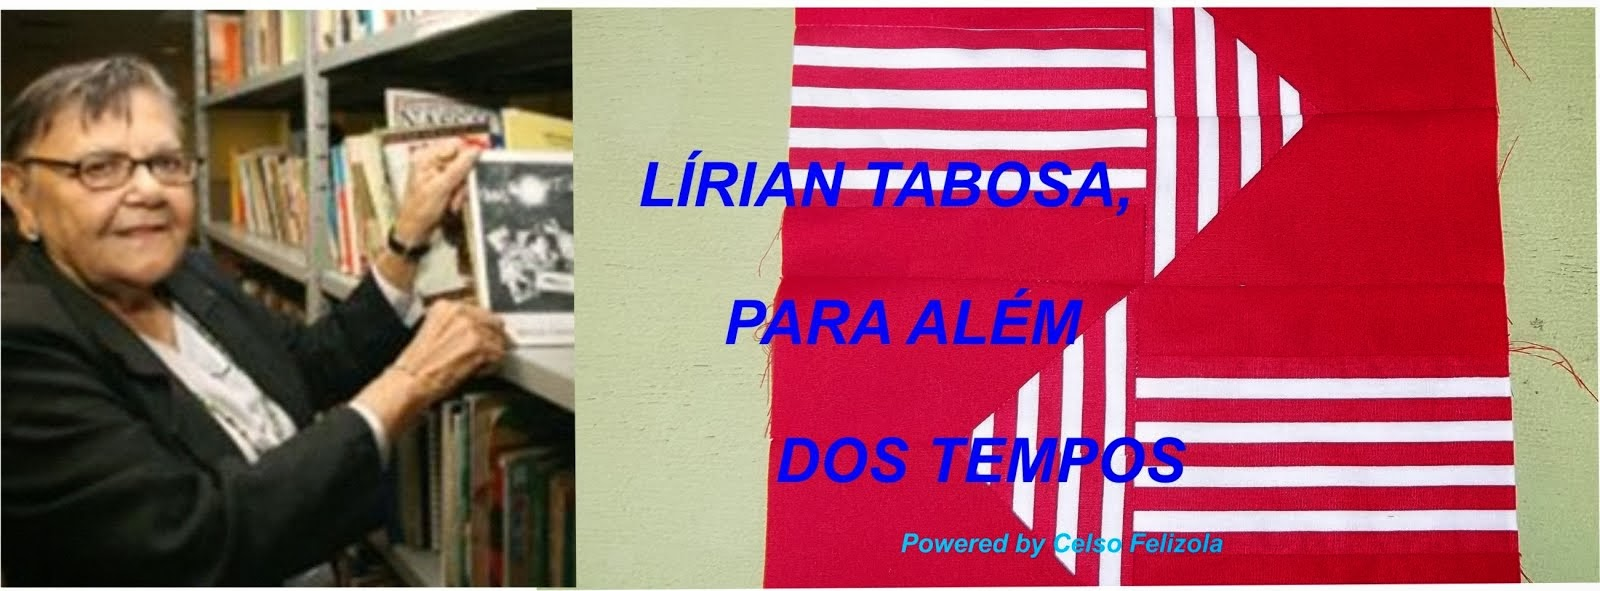 Lírian Tabosa